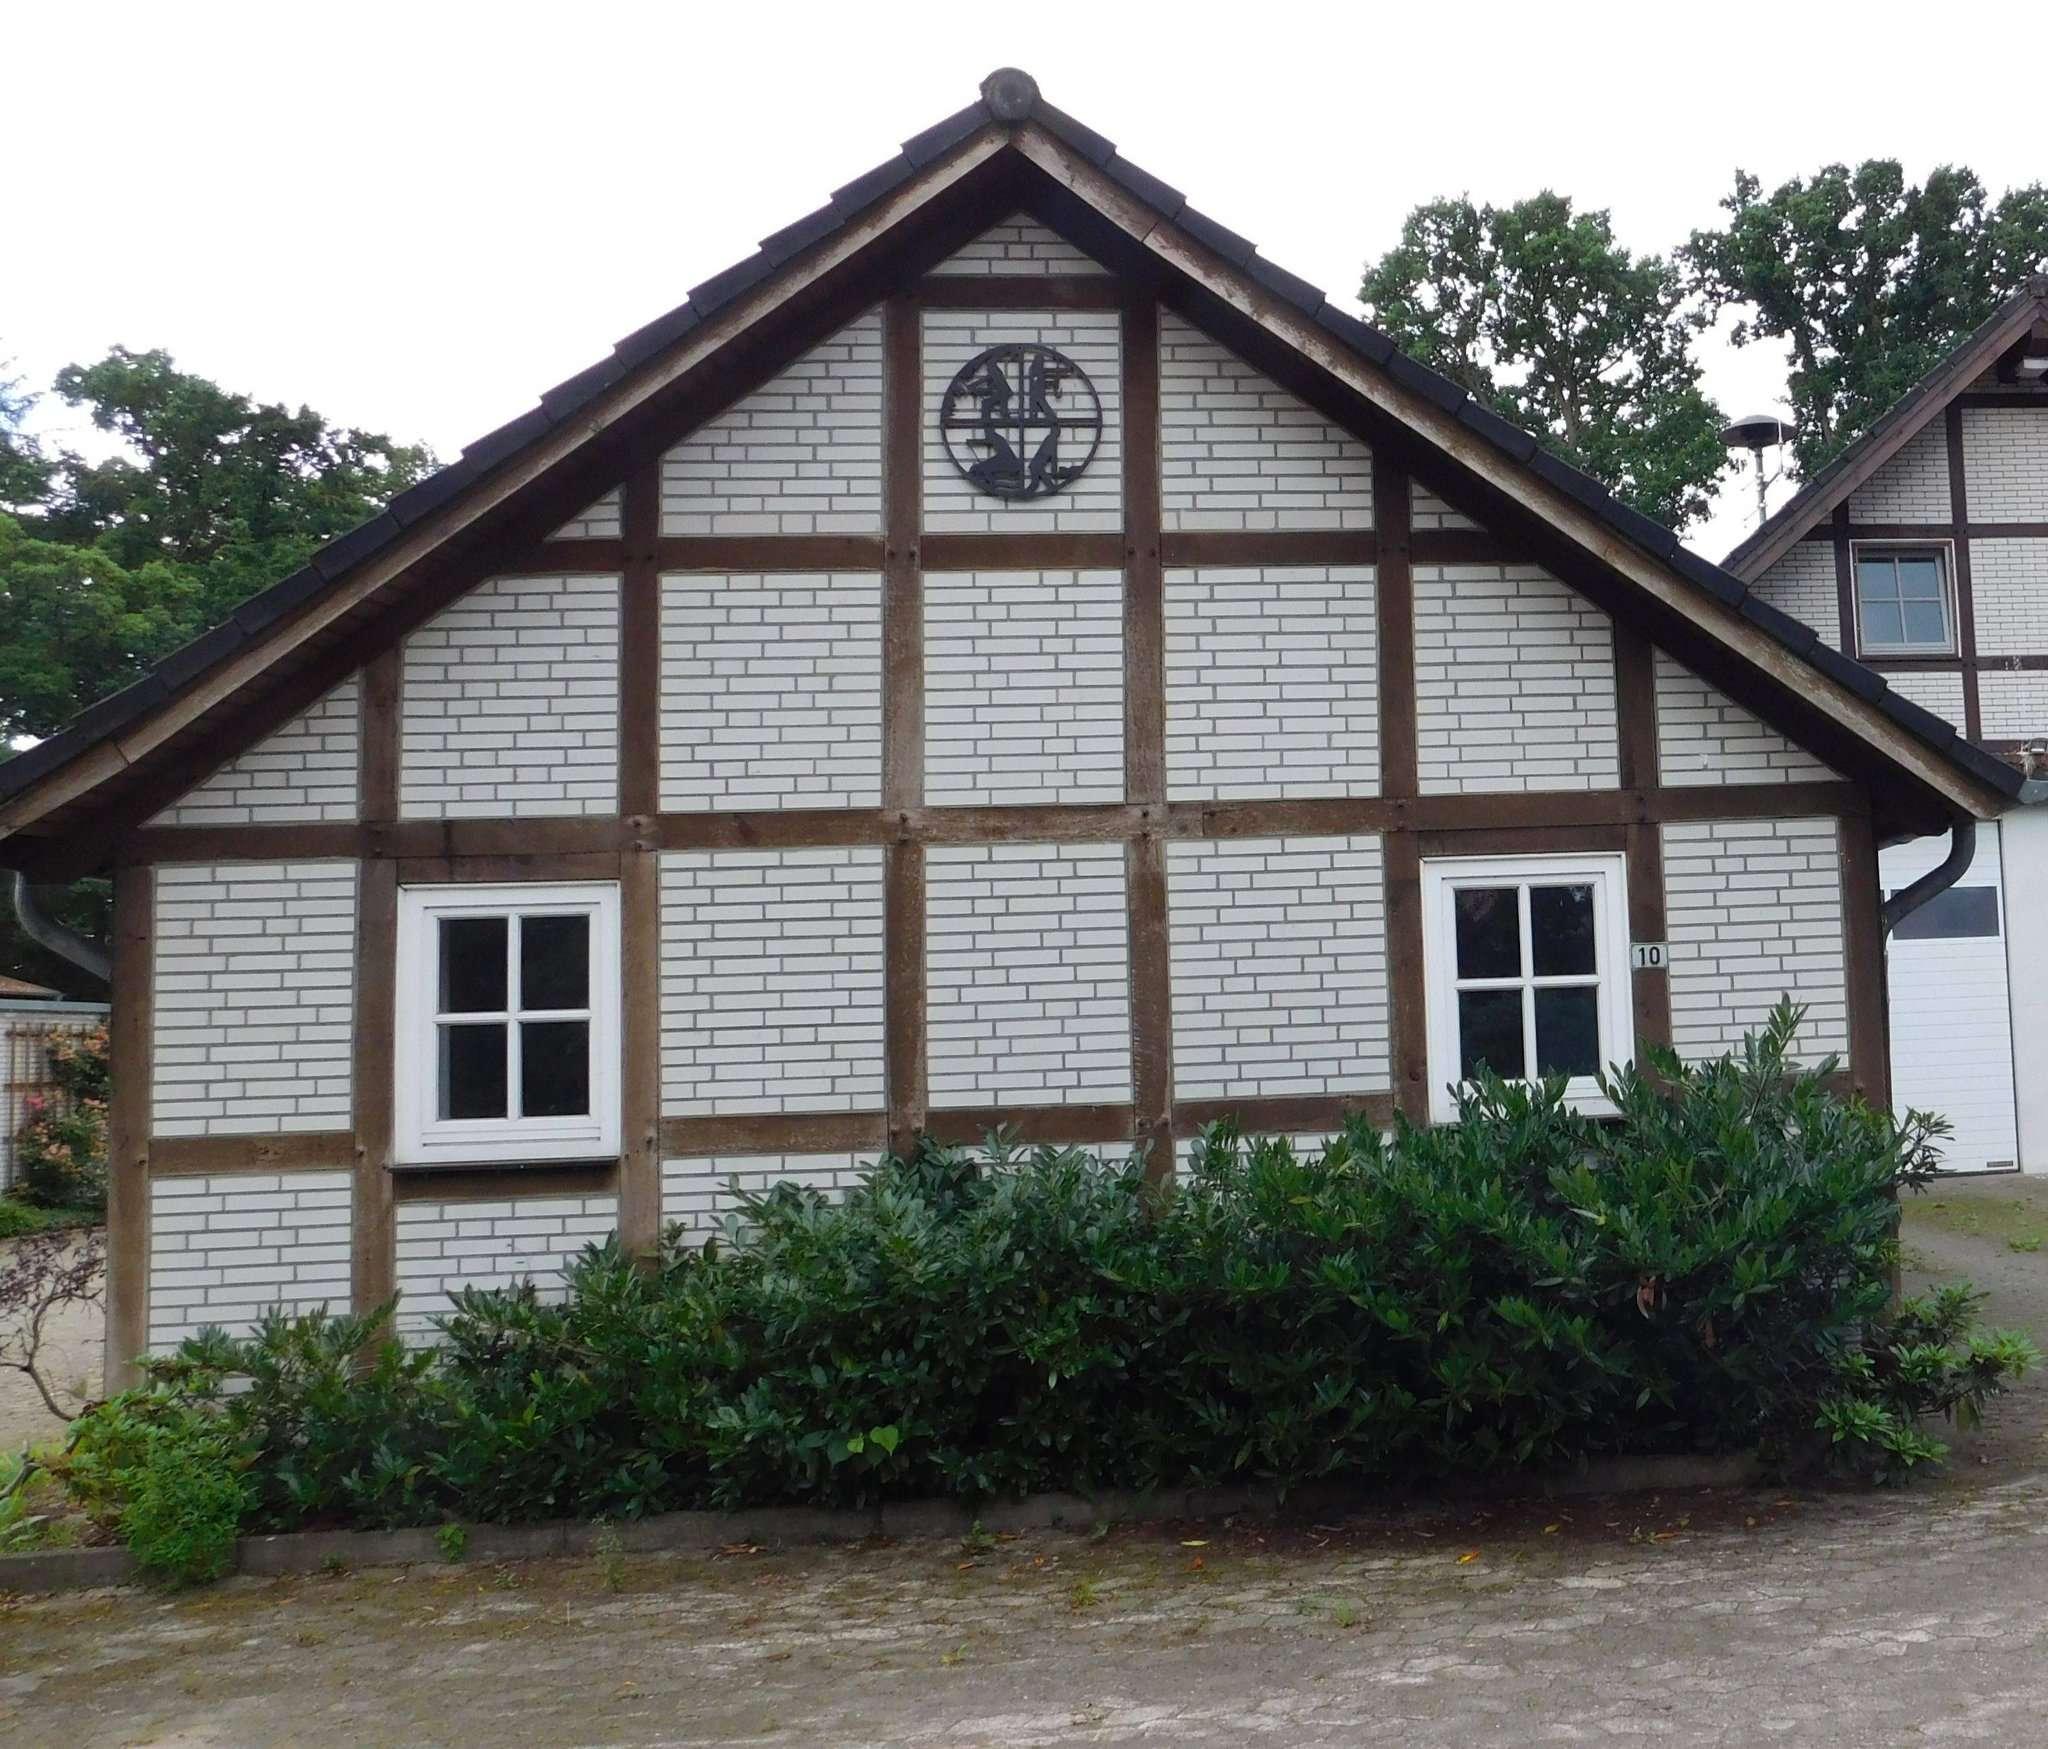 Gelände und Kalthaus gehören in eine Hand, solange die Feuerwehr beides nutzt: Unter dieser Maßgabe trat der Hellweger Gemeinderat seine Ansprüche an die Samtgemeinde Sottrum ab.